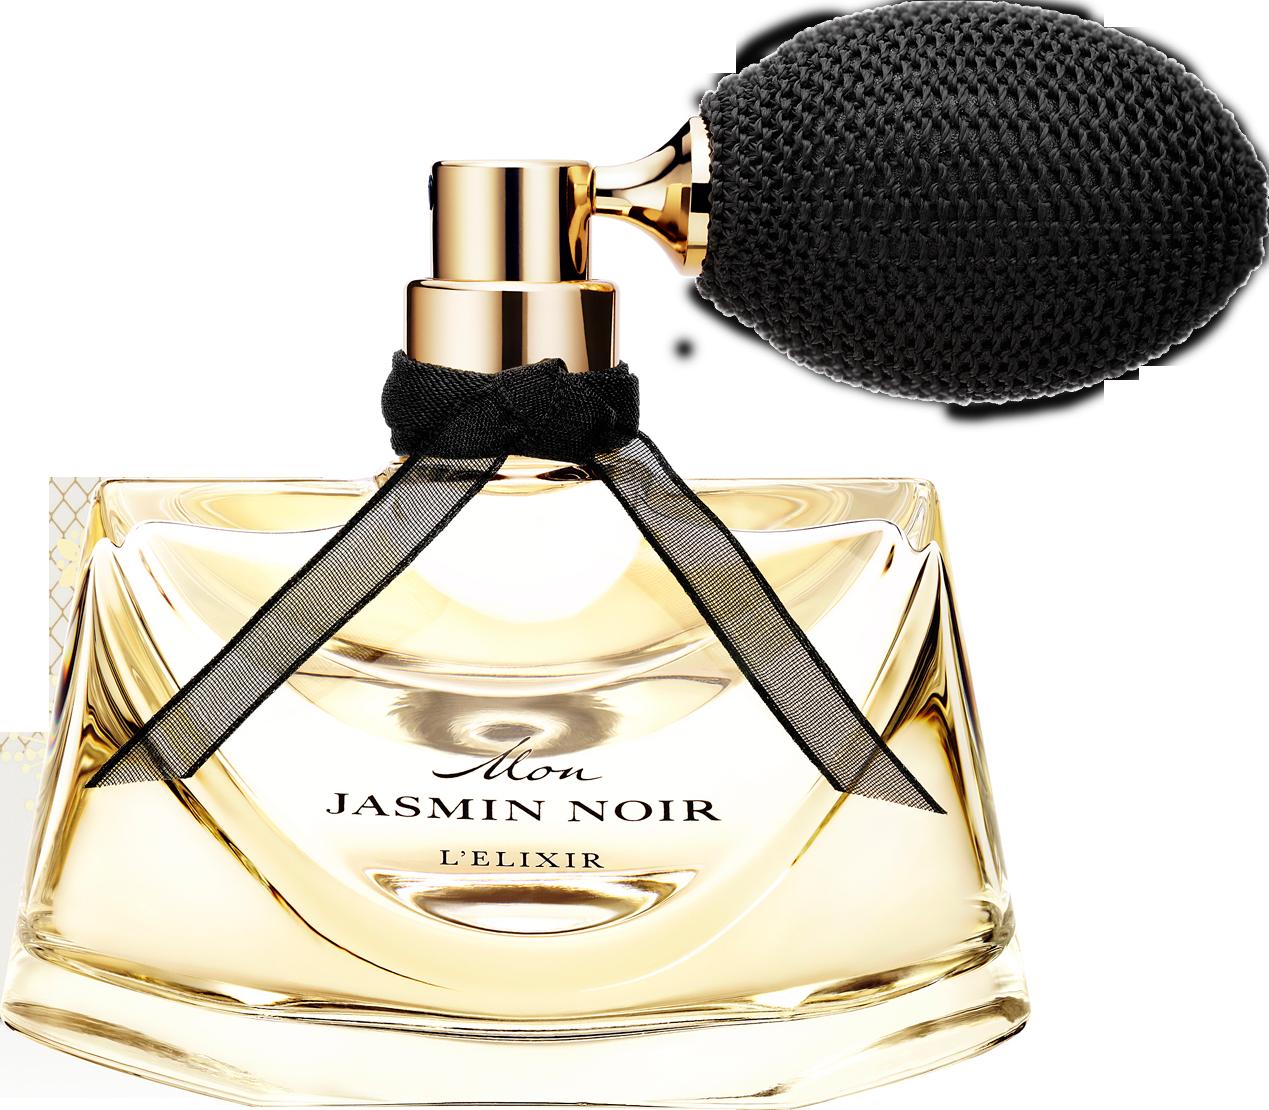 Оригінал Bvlgari Mon Jasmin Noir l'elixir edp 50ml Булгарі Мон Жасмин Нуар Еліксир